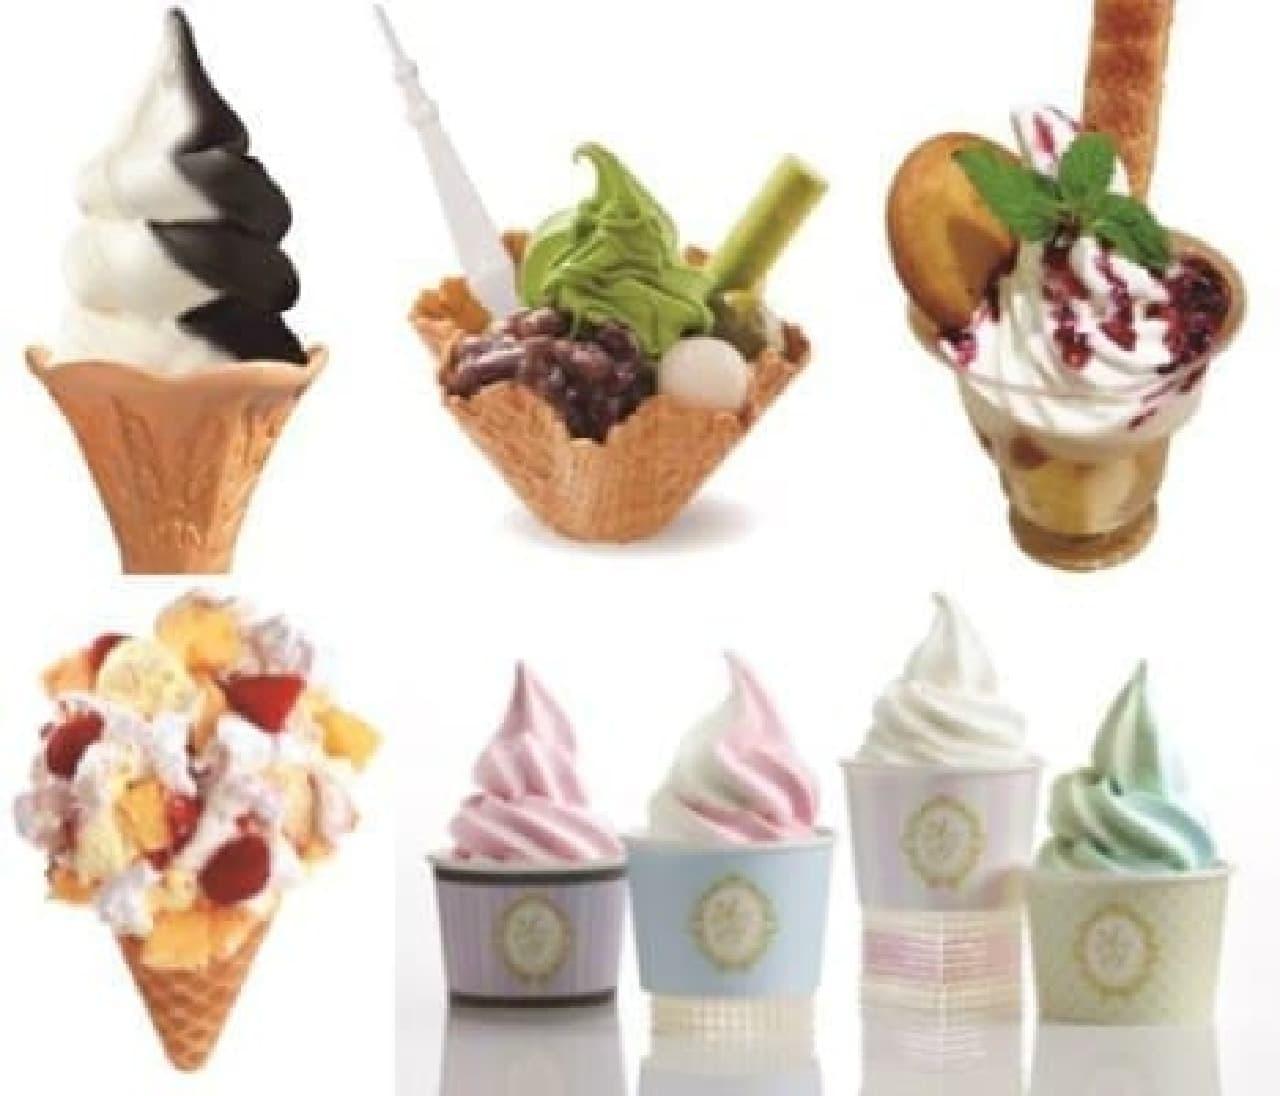 総勢20店舗が参加!「東京ソラマチ アイスクリームコレクション」